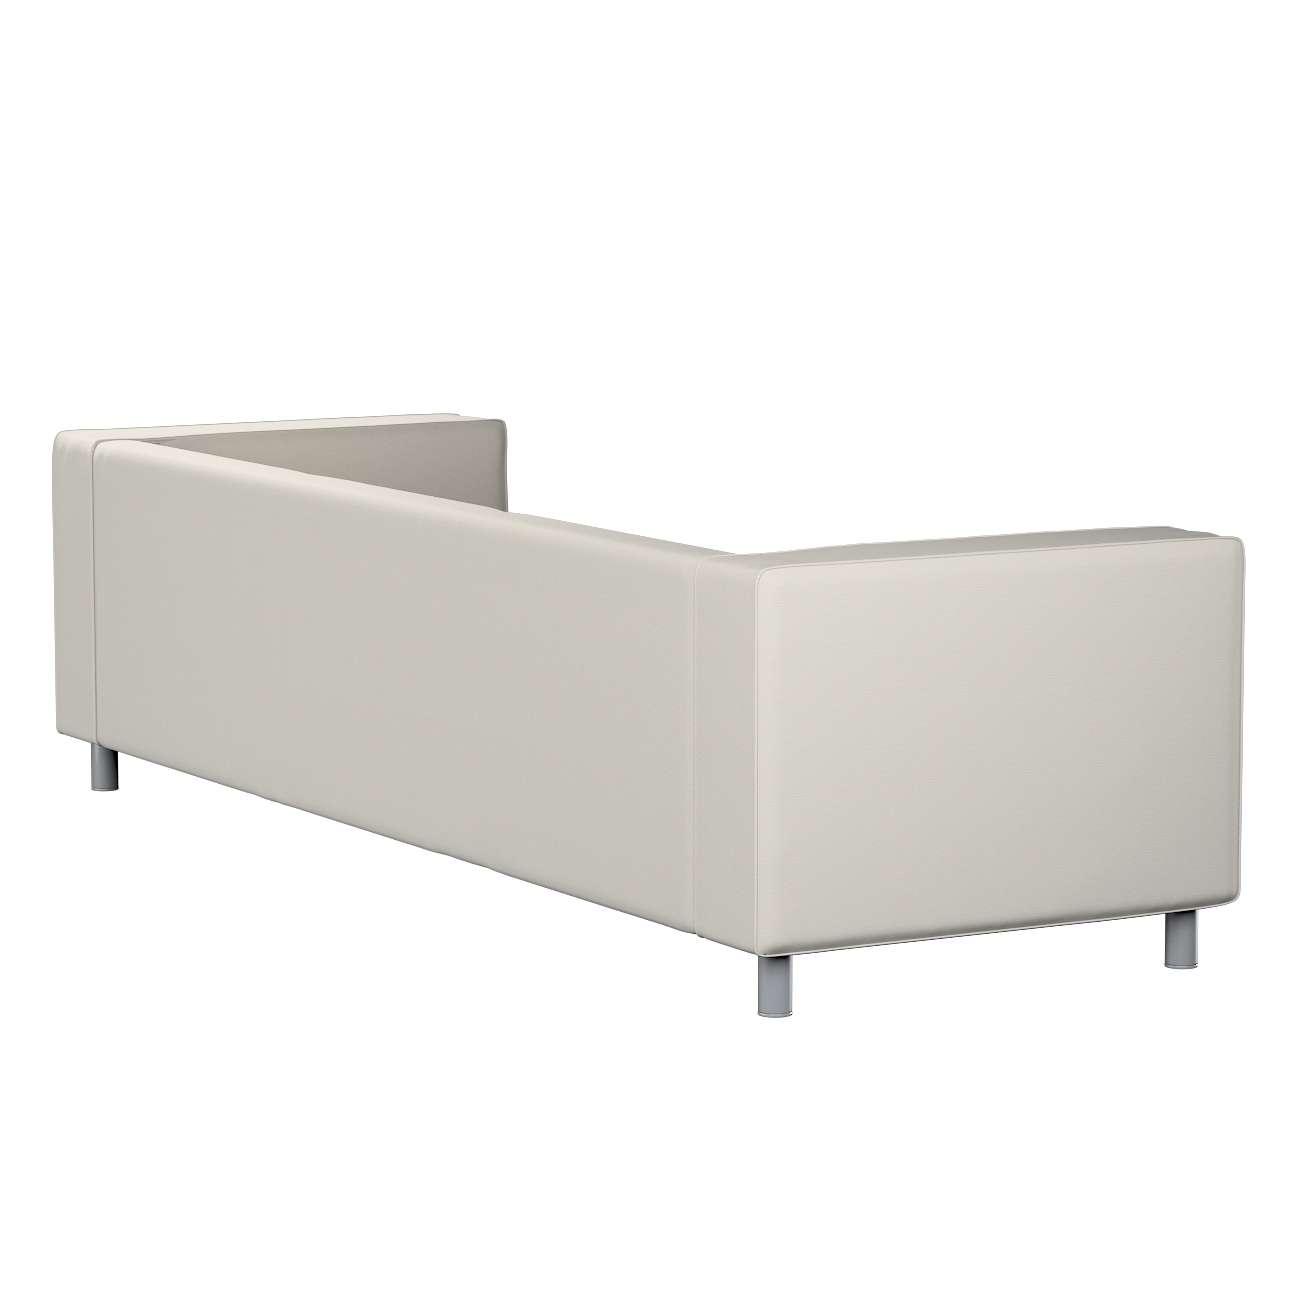 Klippan keturvietės sofos užvalkalas kolekcijoje Cotton Panama, audinys: 702-31